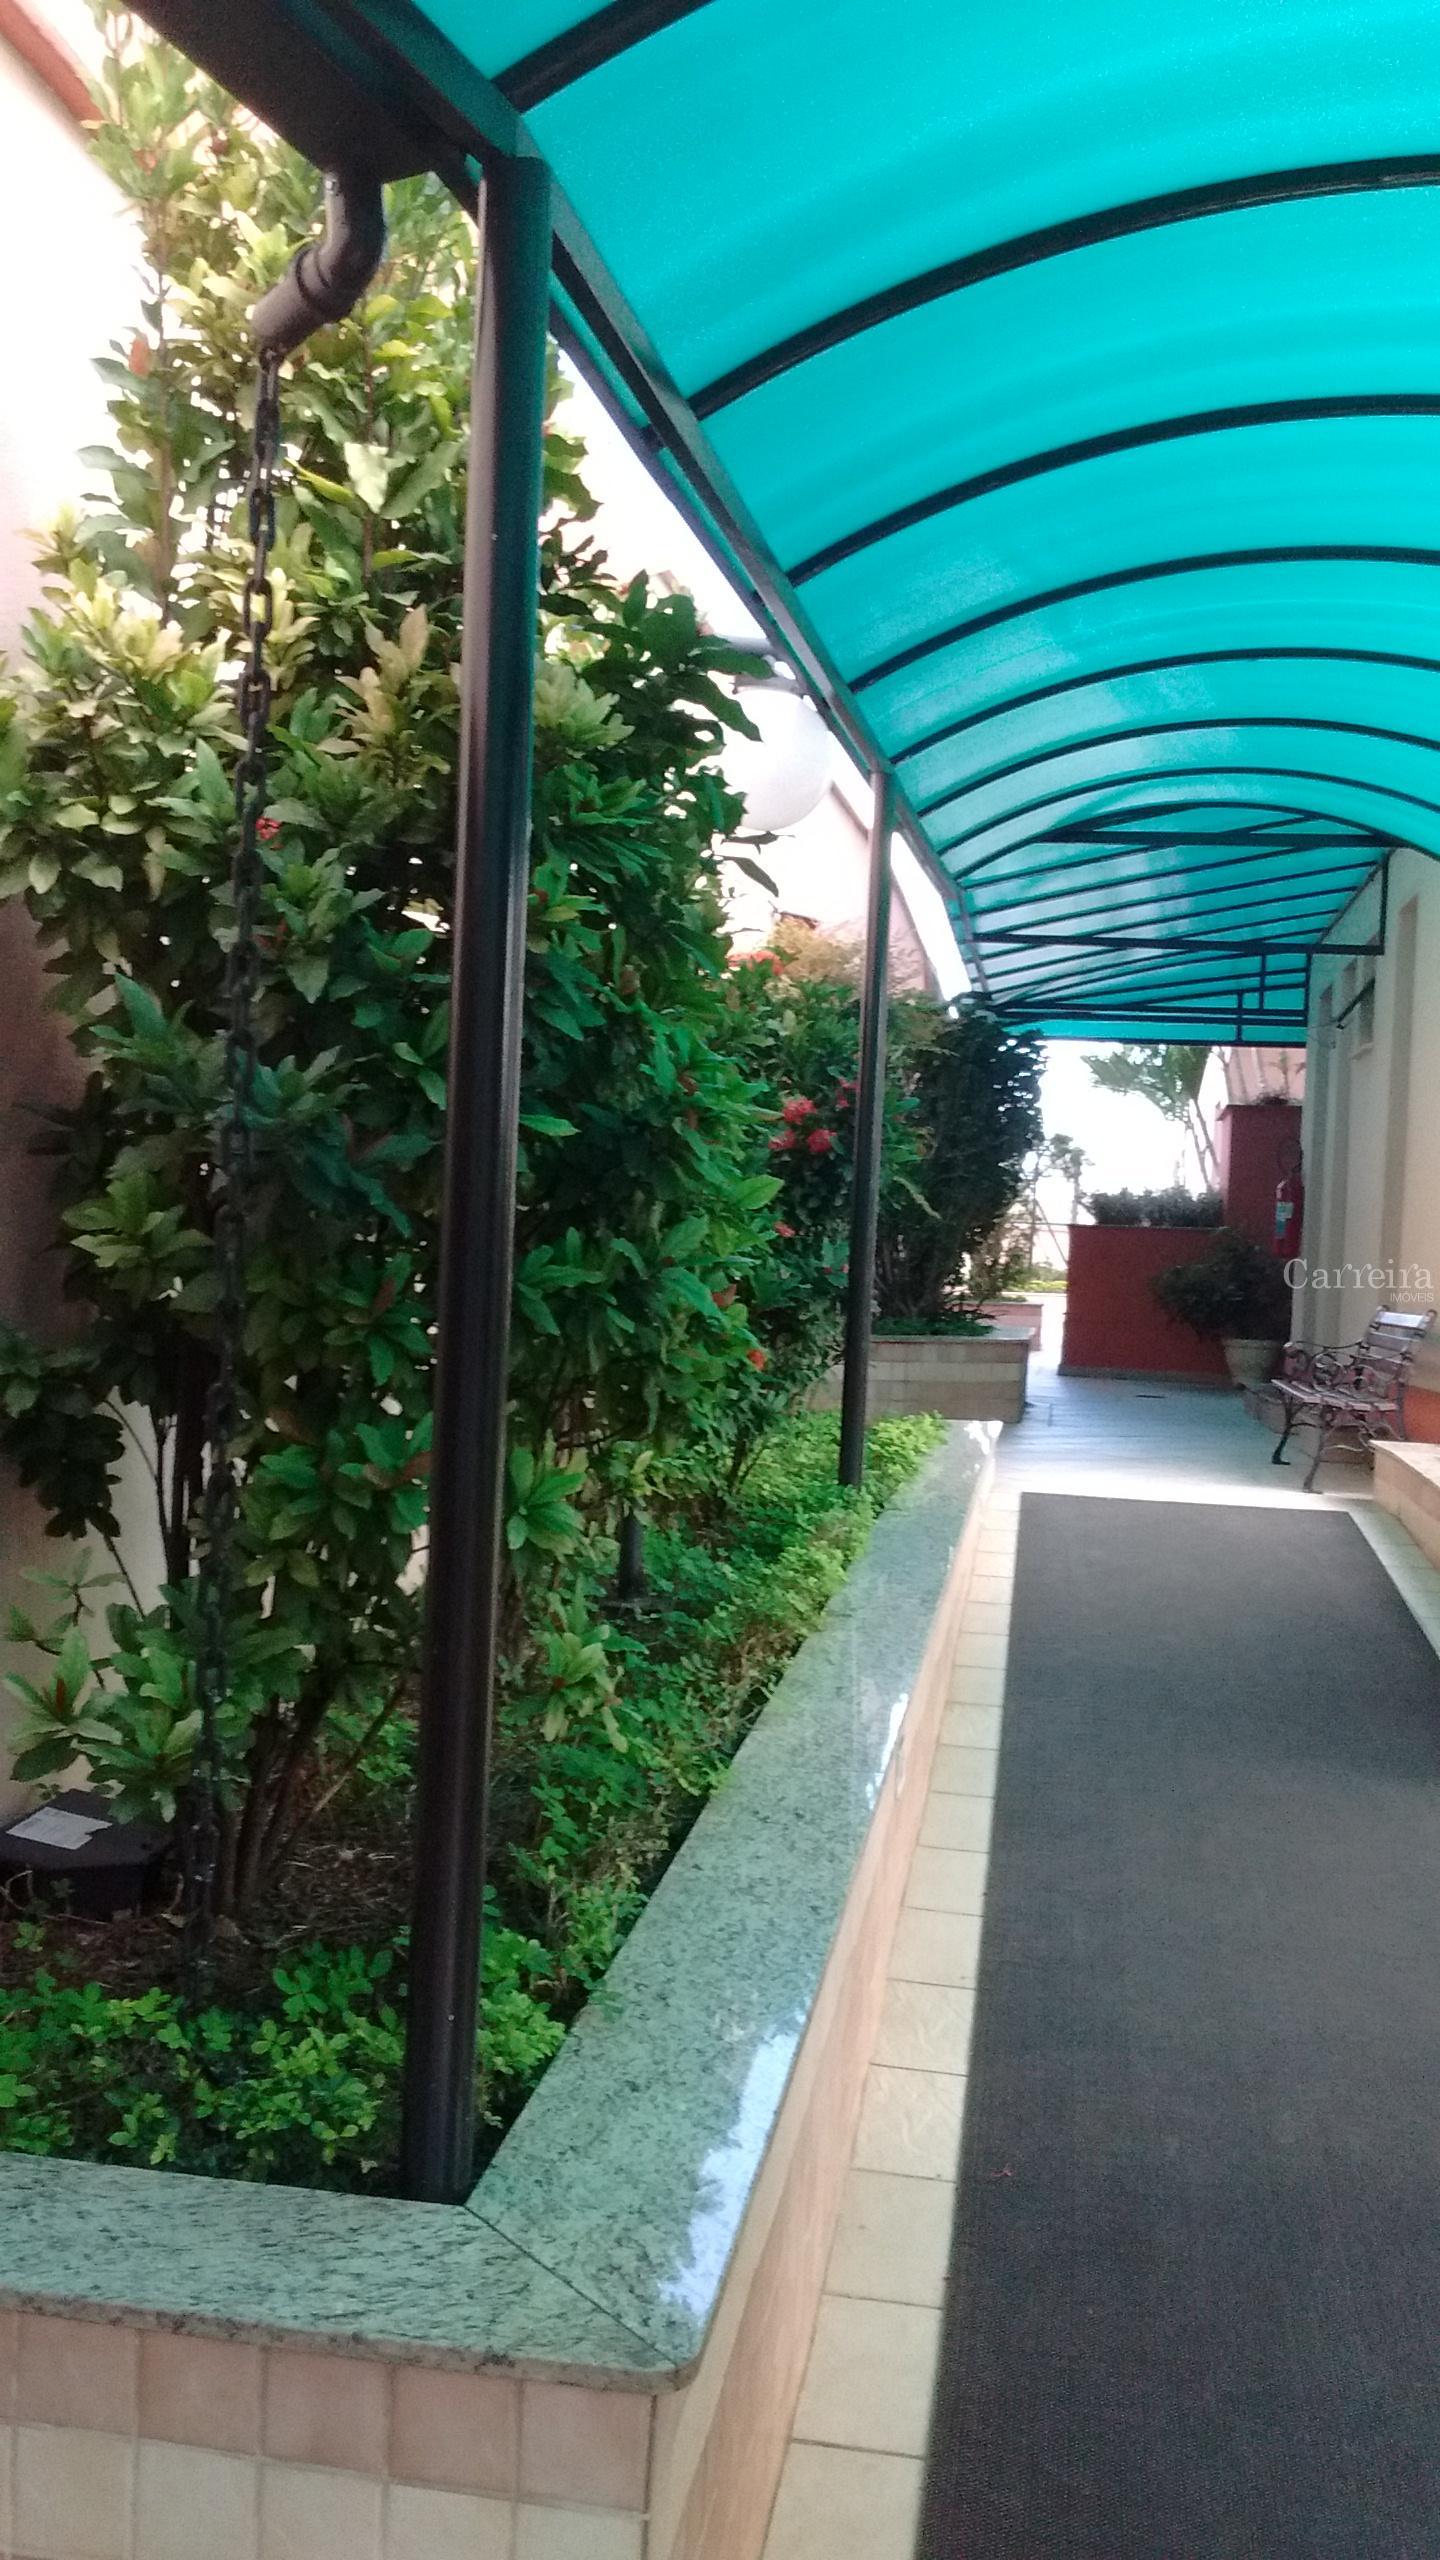 Apartamento-Metrô Vila Matilde